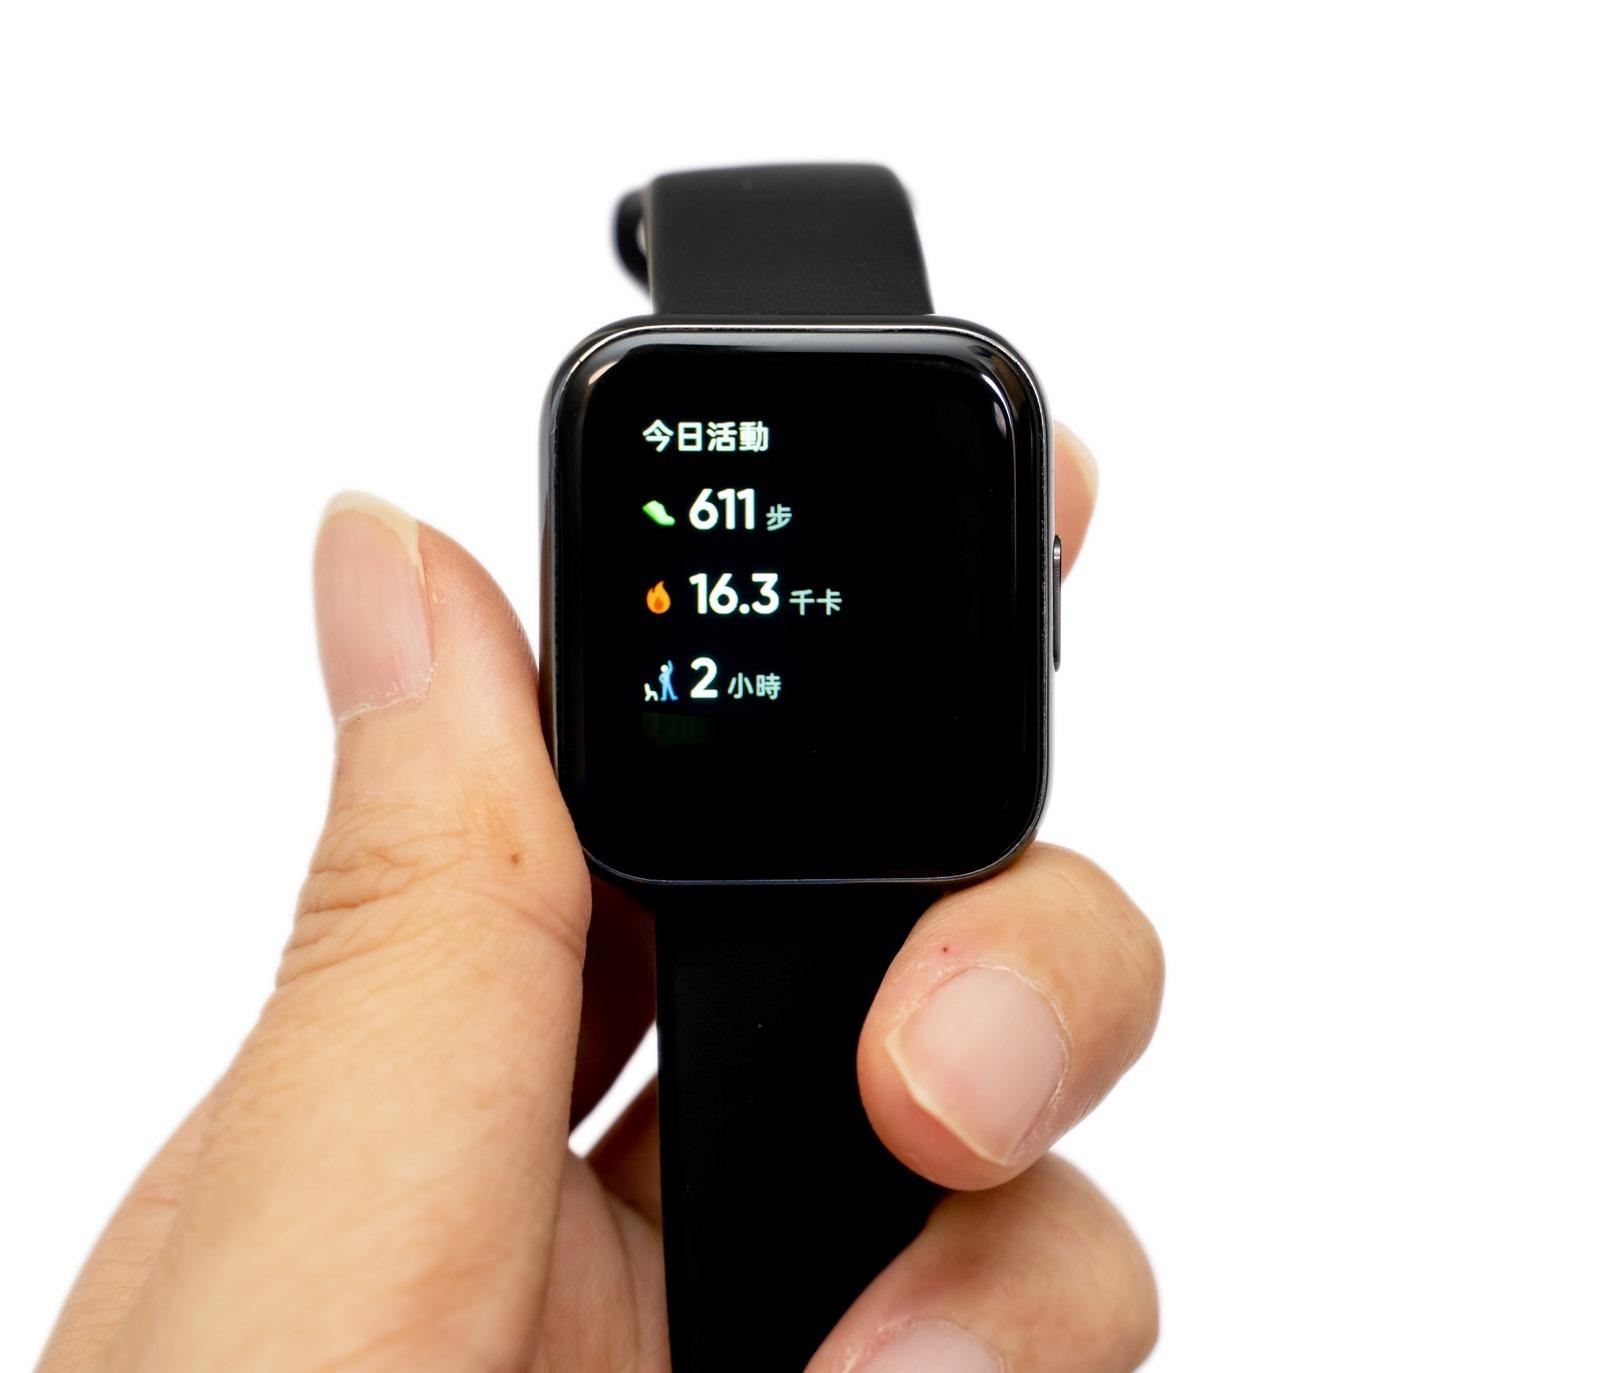 只要 1,299 全球最便宜!僅 31 克輕巧智慧型手錶 realme watch 功能完整心跳血氧偵測都具備! @3C 達人廖阿輝